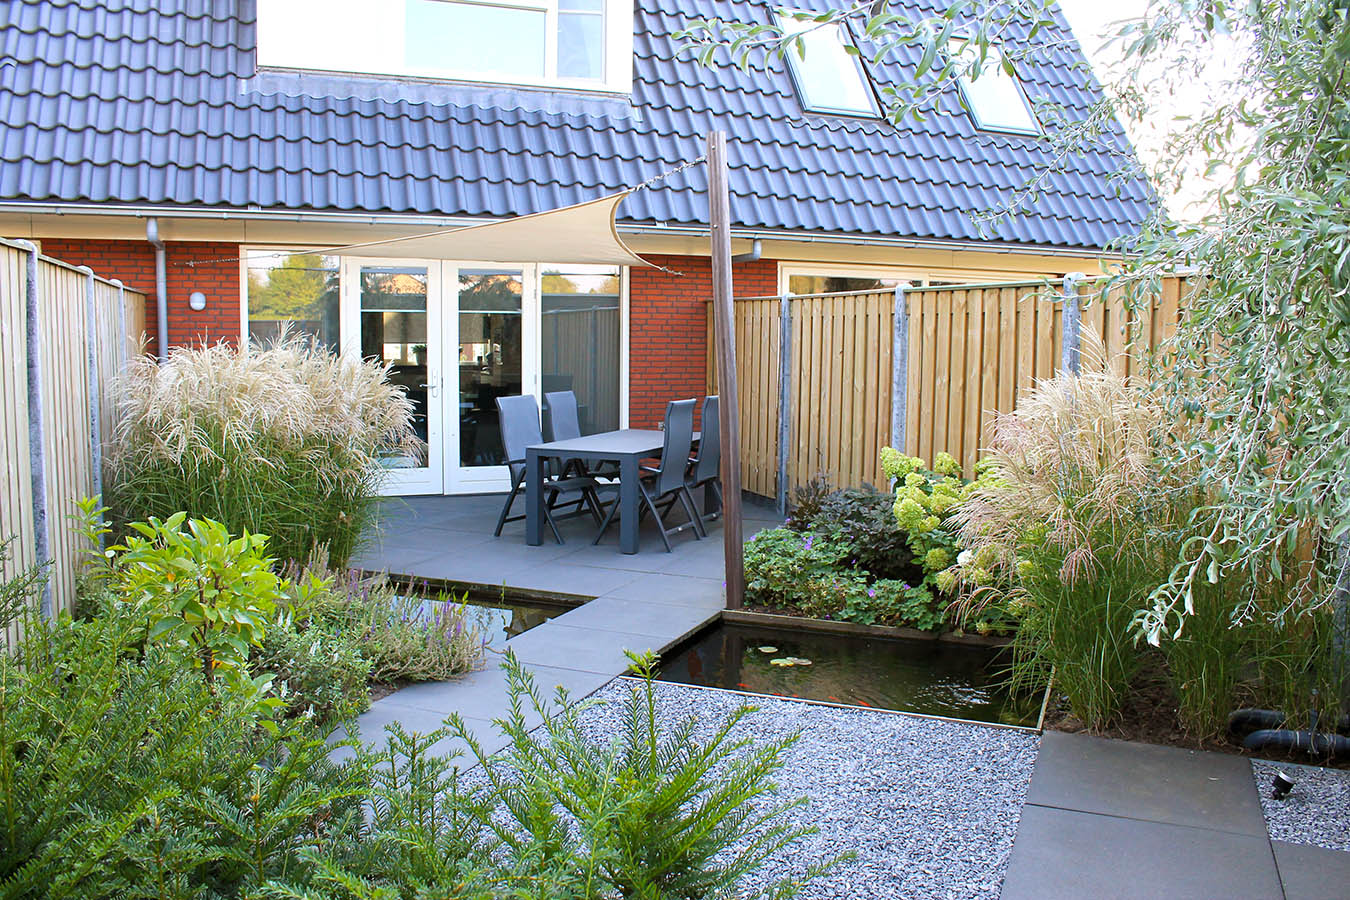 diagonale tuin_schuine hoeken_30 graden_schuinen lijnen_spannend tuinontwerp_kleine tuin_aanleg tuin_achtertuin_tuin zevenbergen